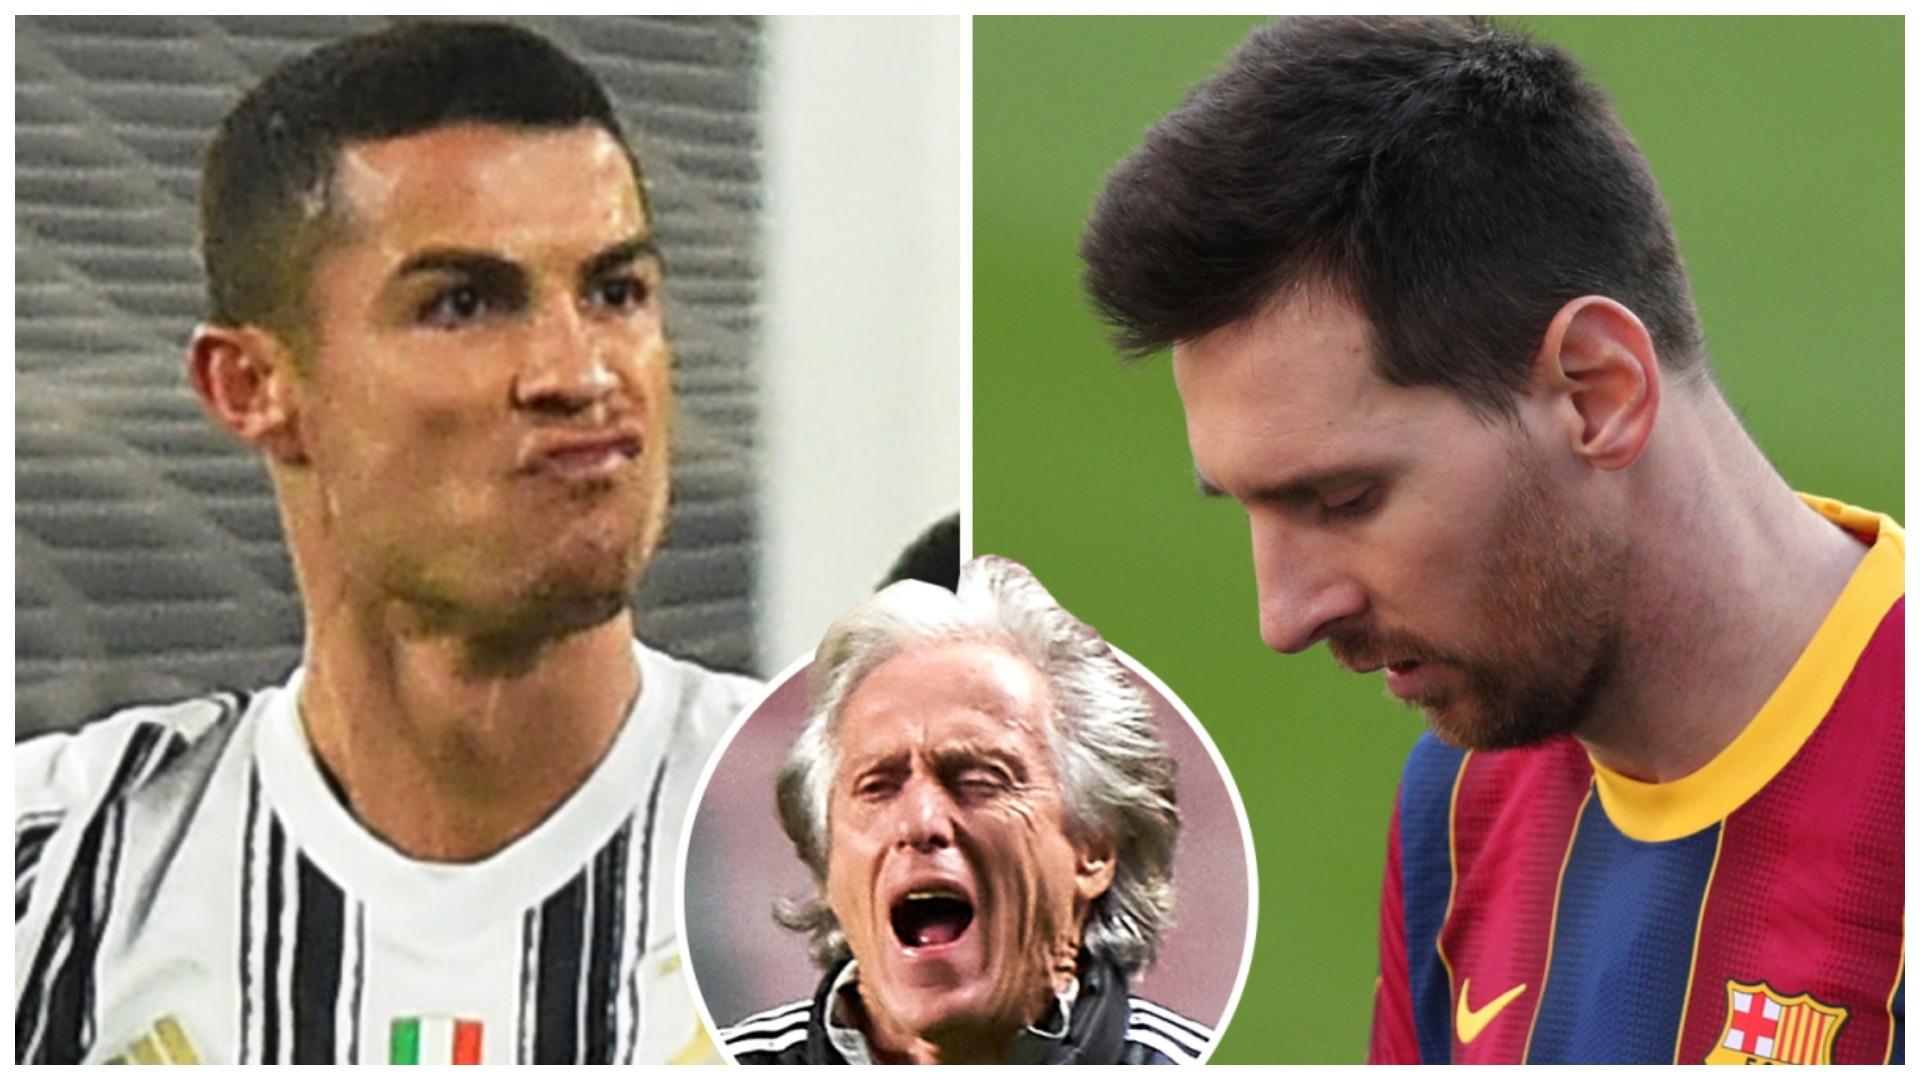 Krahasimet me Maradonën, Jesus: Messi nuk i afrohet fare, Ronaldo ka disa cilësi